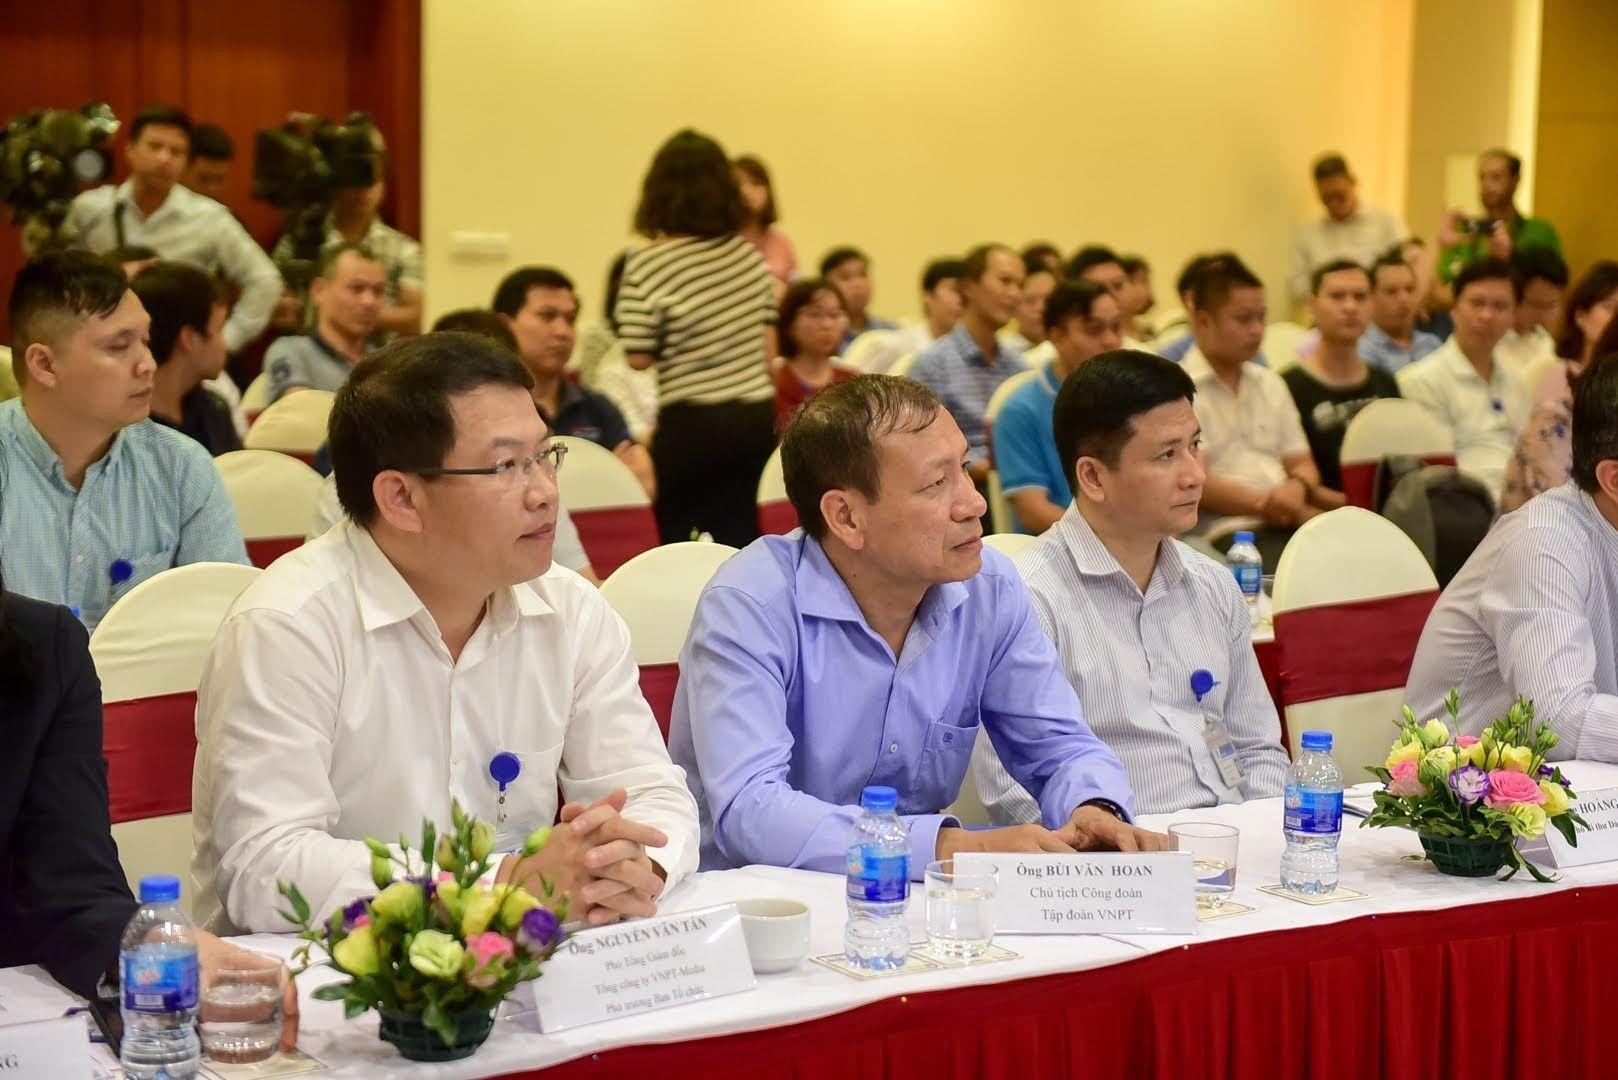 Chùm ảnh Họp báo công bố kết quả Sơ khảo lĩnh vực CNTT Giải thưởng Nhân tài Đất Việt 2018 - 8